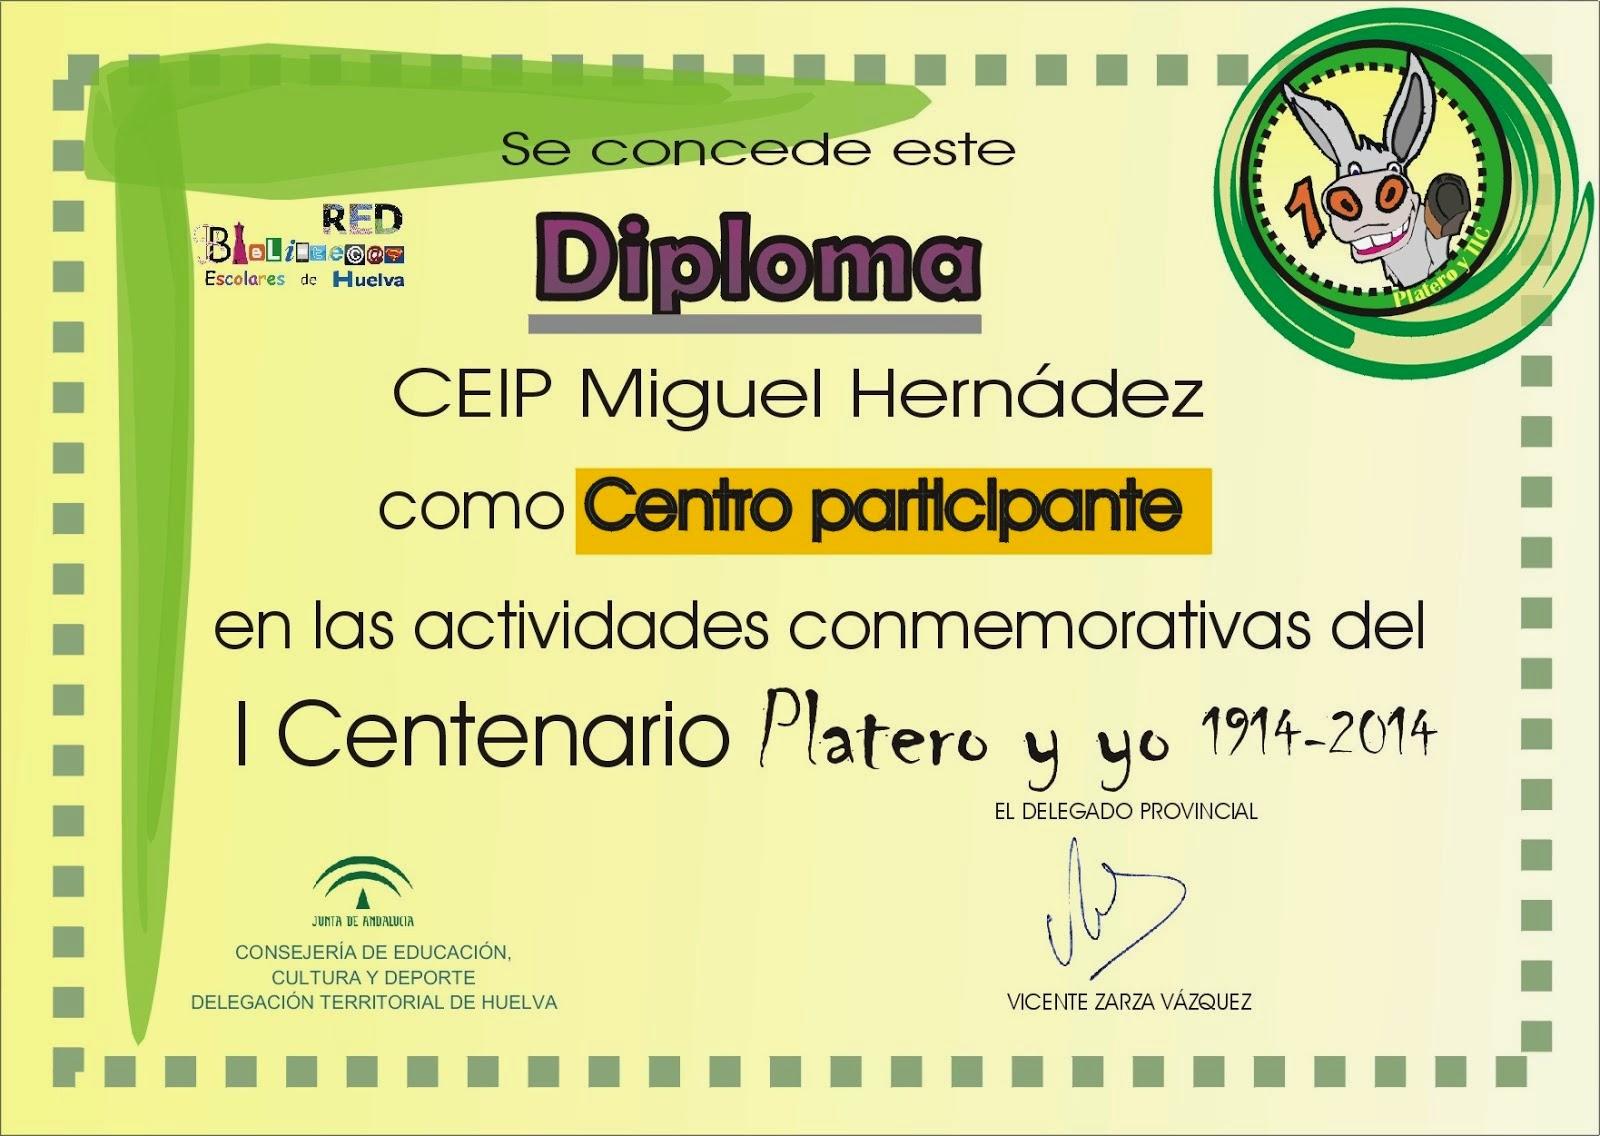 """Diploma de participación en el  """"Centenario de Platero y yo"""" de la Junta de Andalucía"""